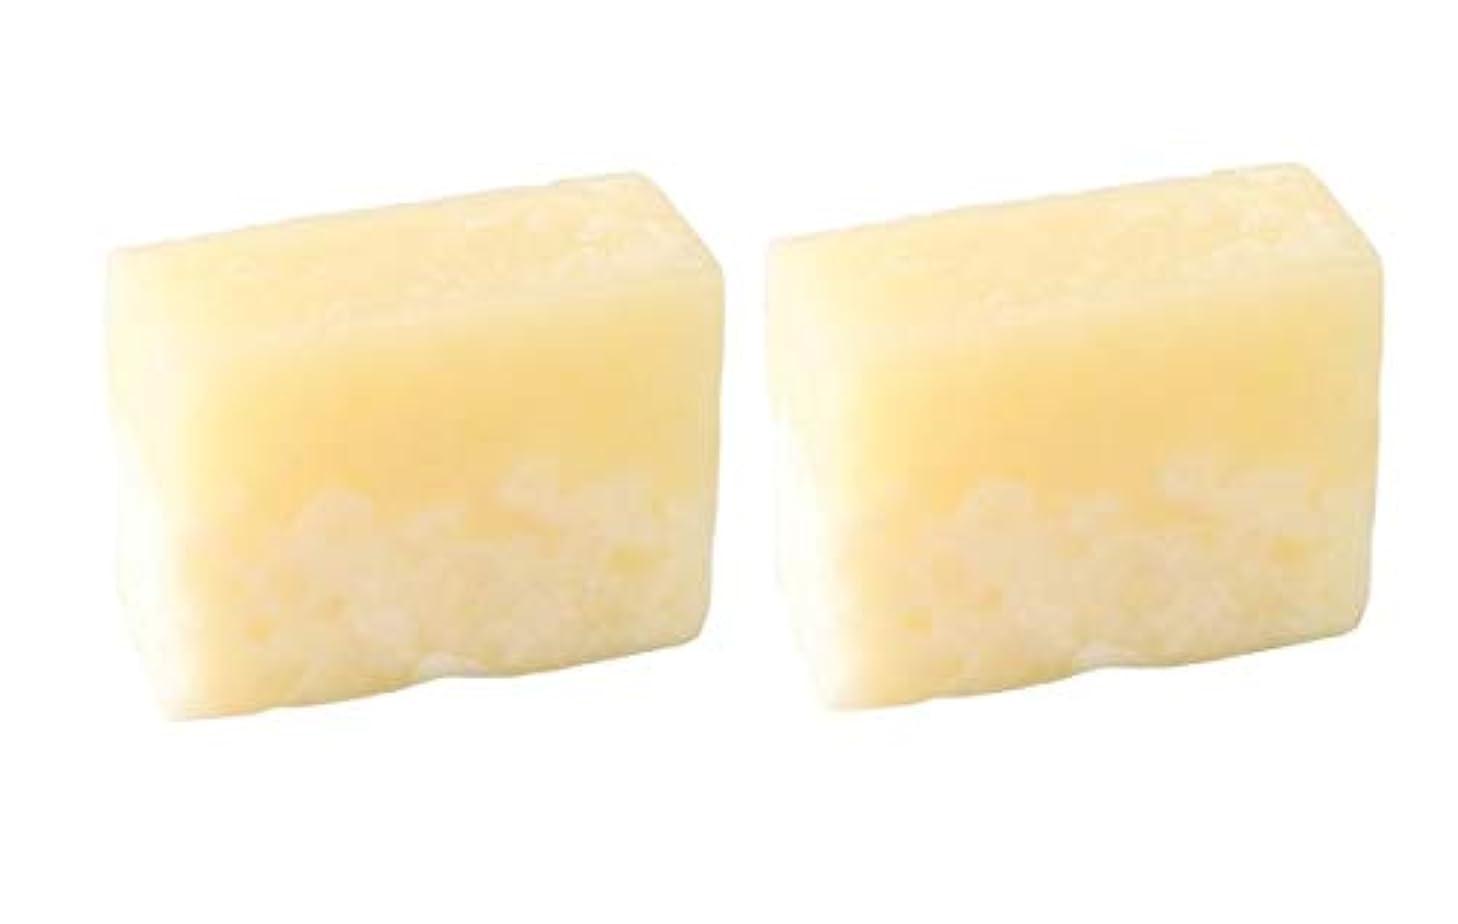 認識ベンチ添加剤LUSH ラッシュ ボヘミアン(100g)×2個セット レモンの爽やかな香りソープ